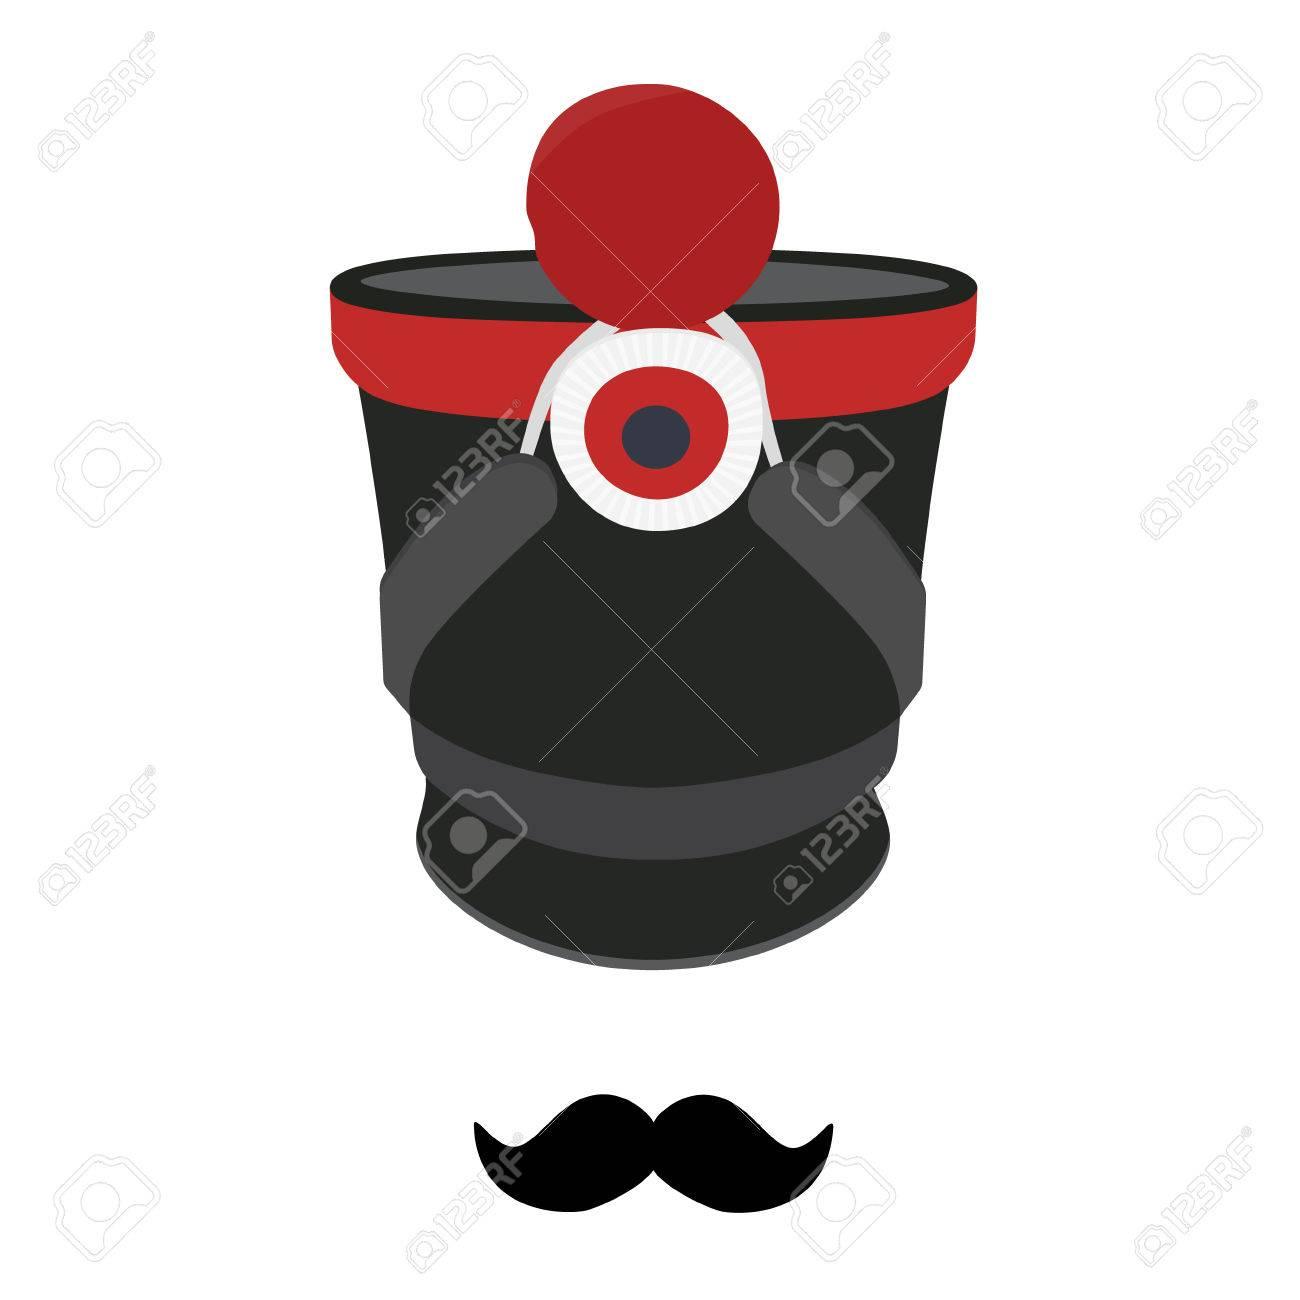 al por mayor online mejor lugar Super descuento Ilustración del vector gorra militar cilíndrica, sombrero con pompón y la  insignia. sombrero chacó de la infantería y el bigote